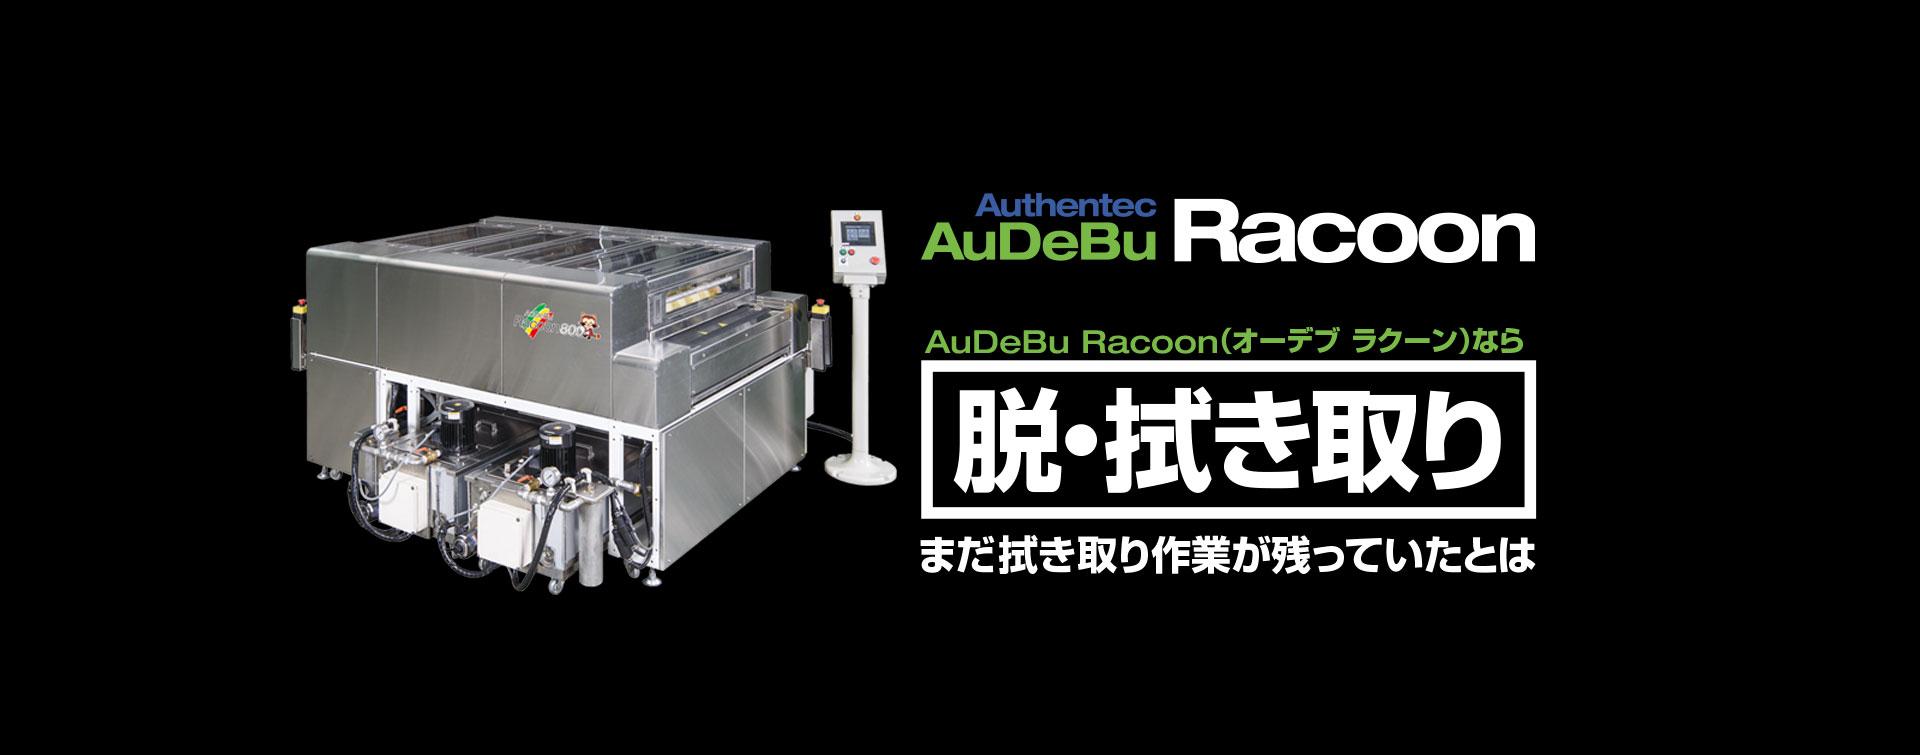 洗浄機 audebu racoon800 オーデブ ラクーン800 製品情報 オーセン